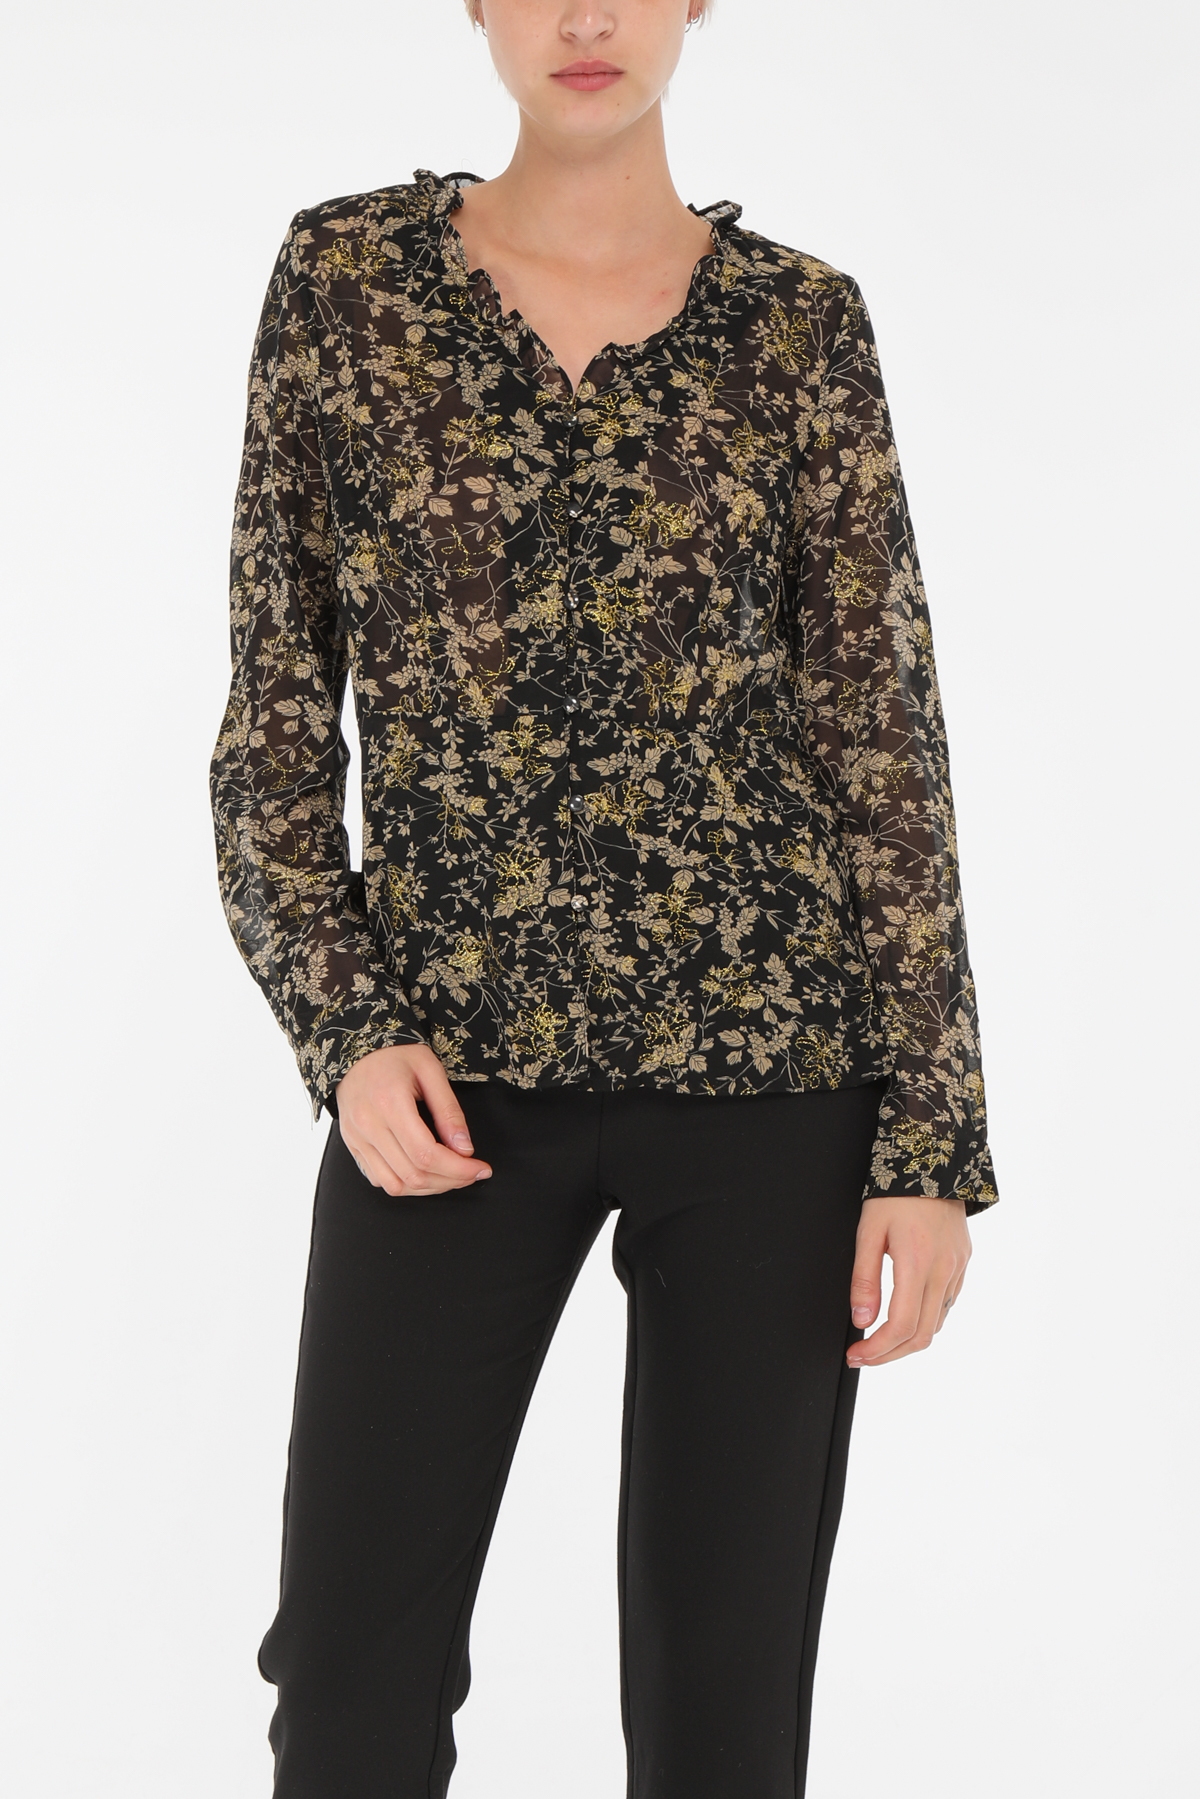 Chemises Femme Noir MOD.STYLE  L002 #c eFashion Paris